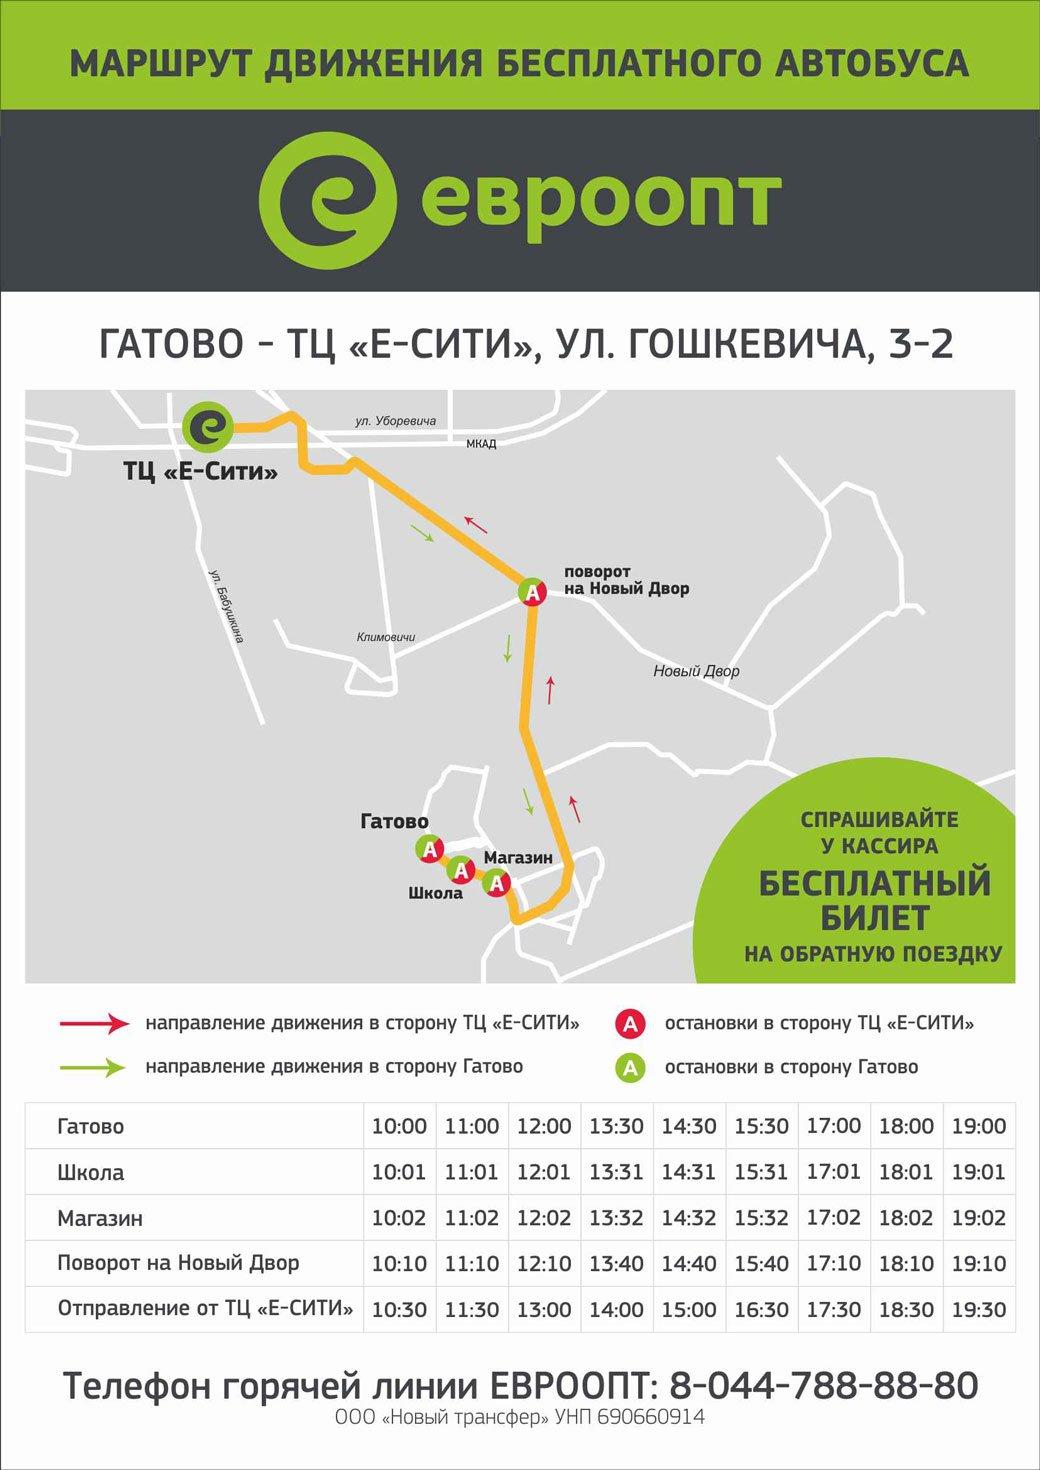 Расписание автобусов Евроопт с Гатово